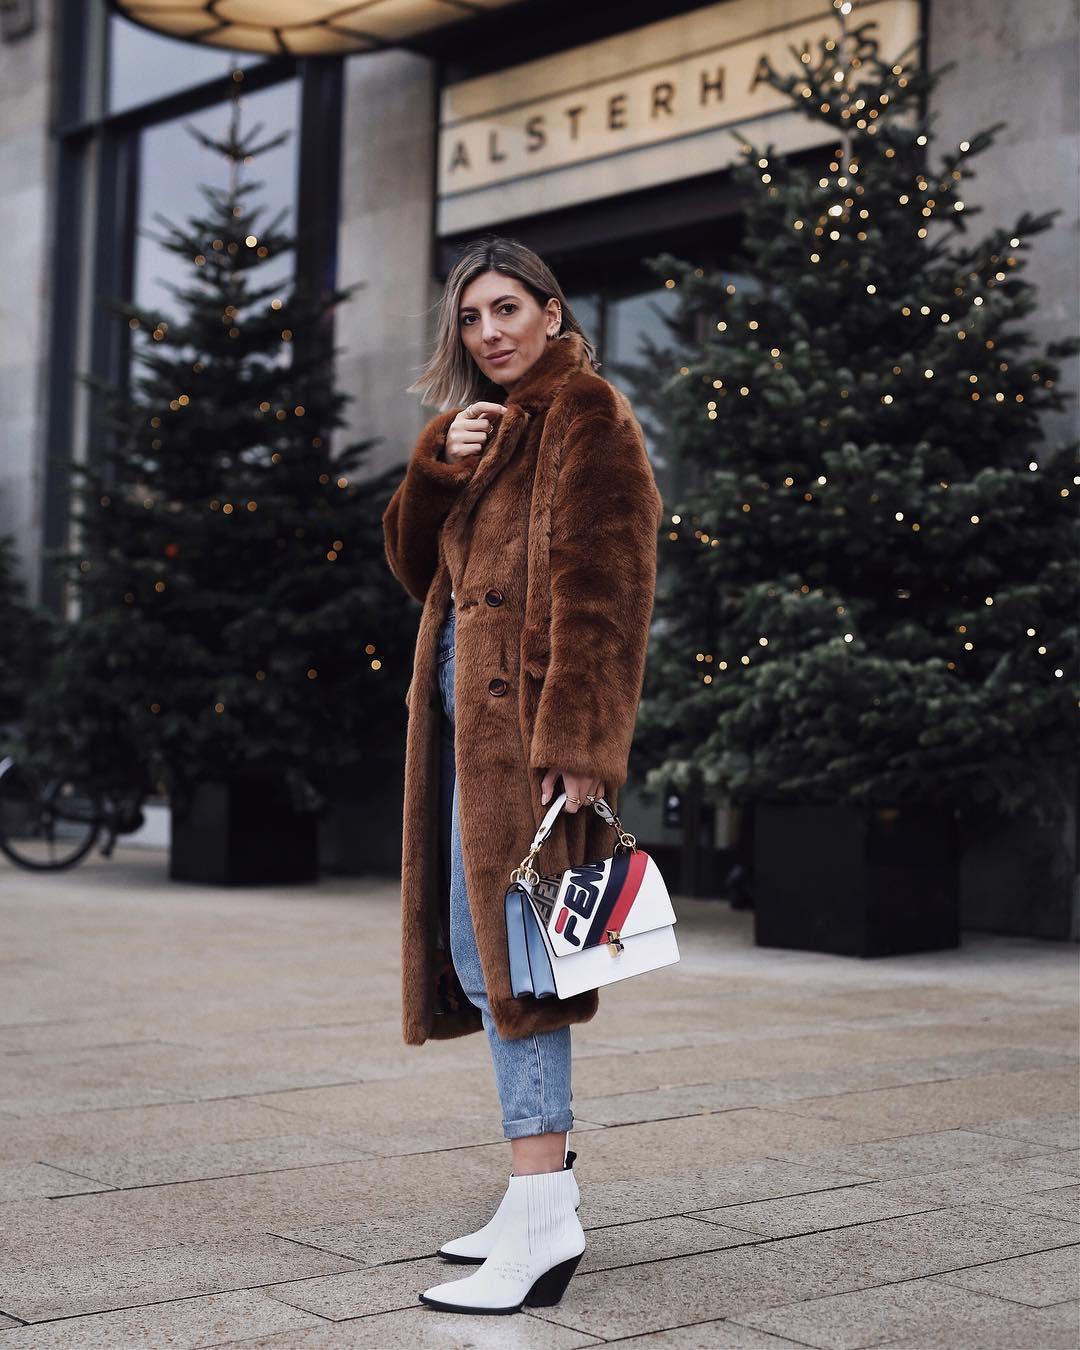 с чем носить джинсы зимой фото 10